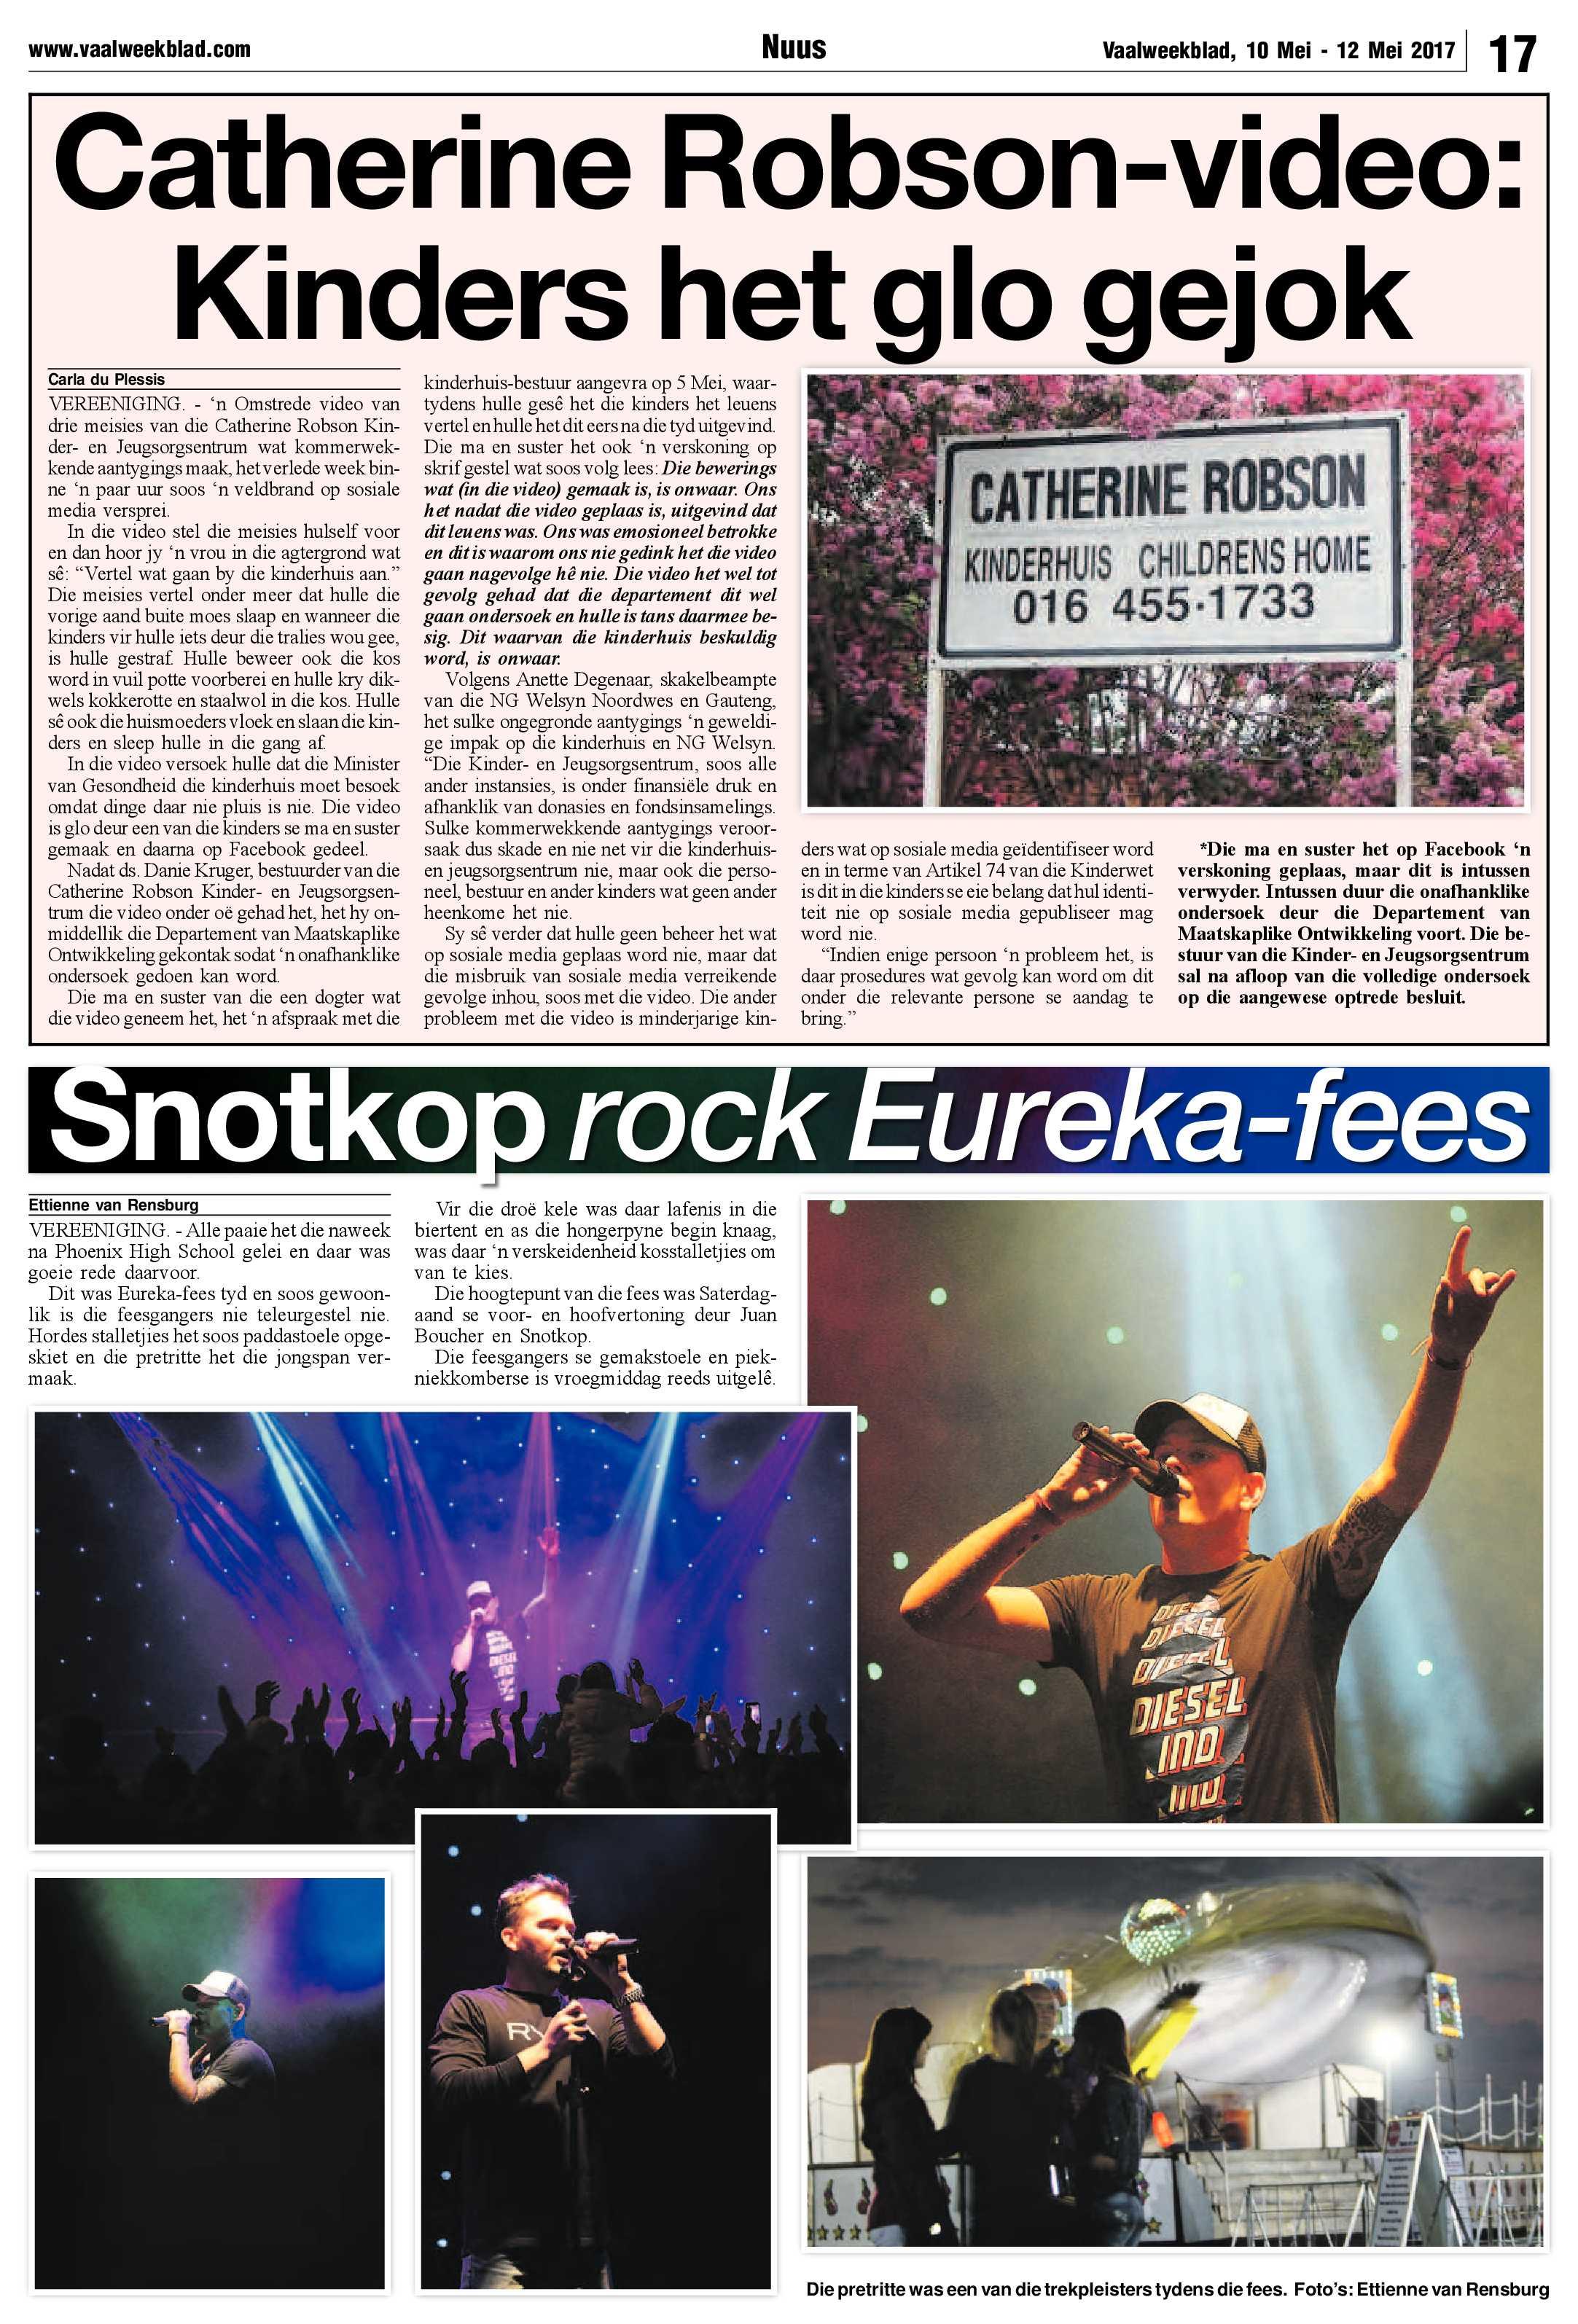 vaalweekblad-10-12-mei-2017-epapers-page-17